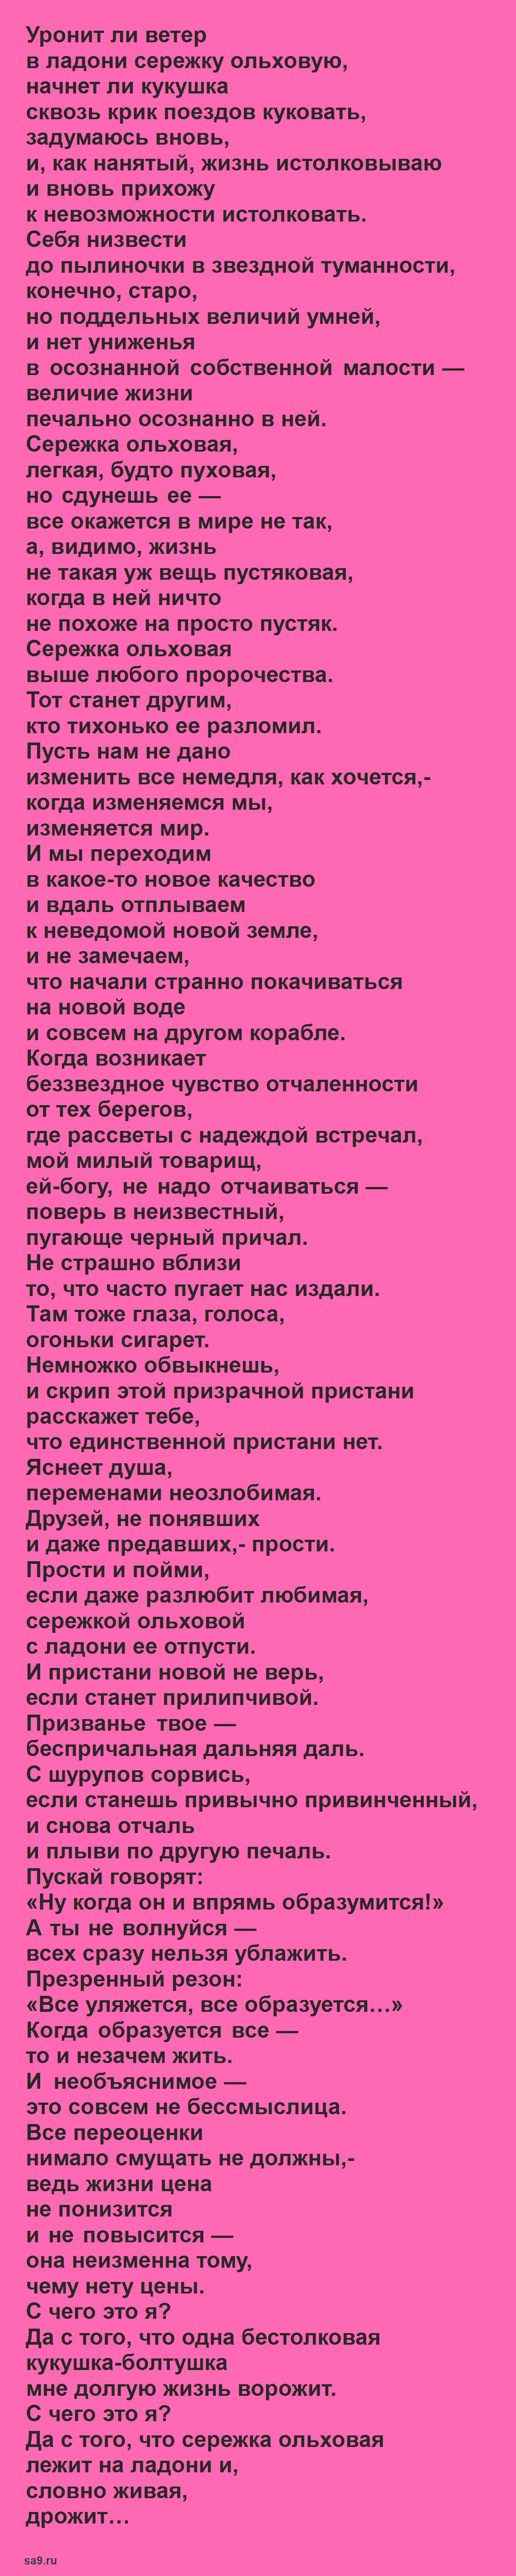 Евтушенко легкие стихи - Ольховая сережка